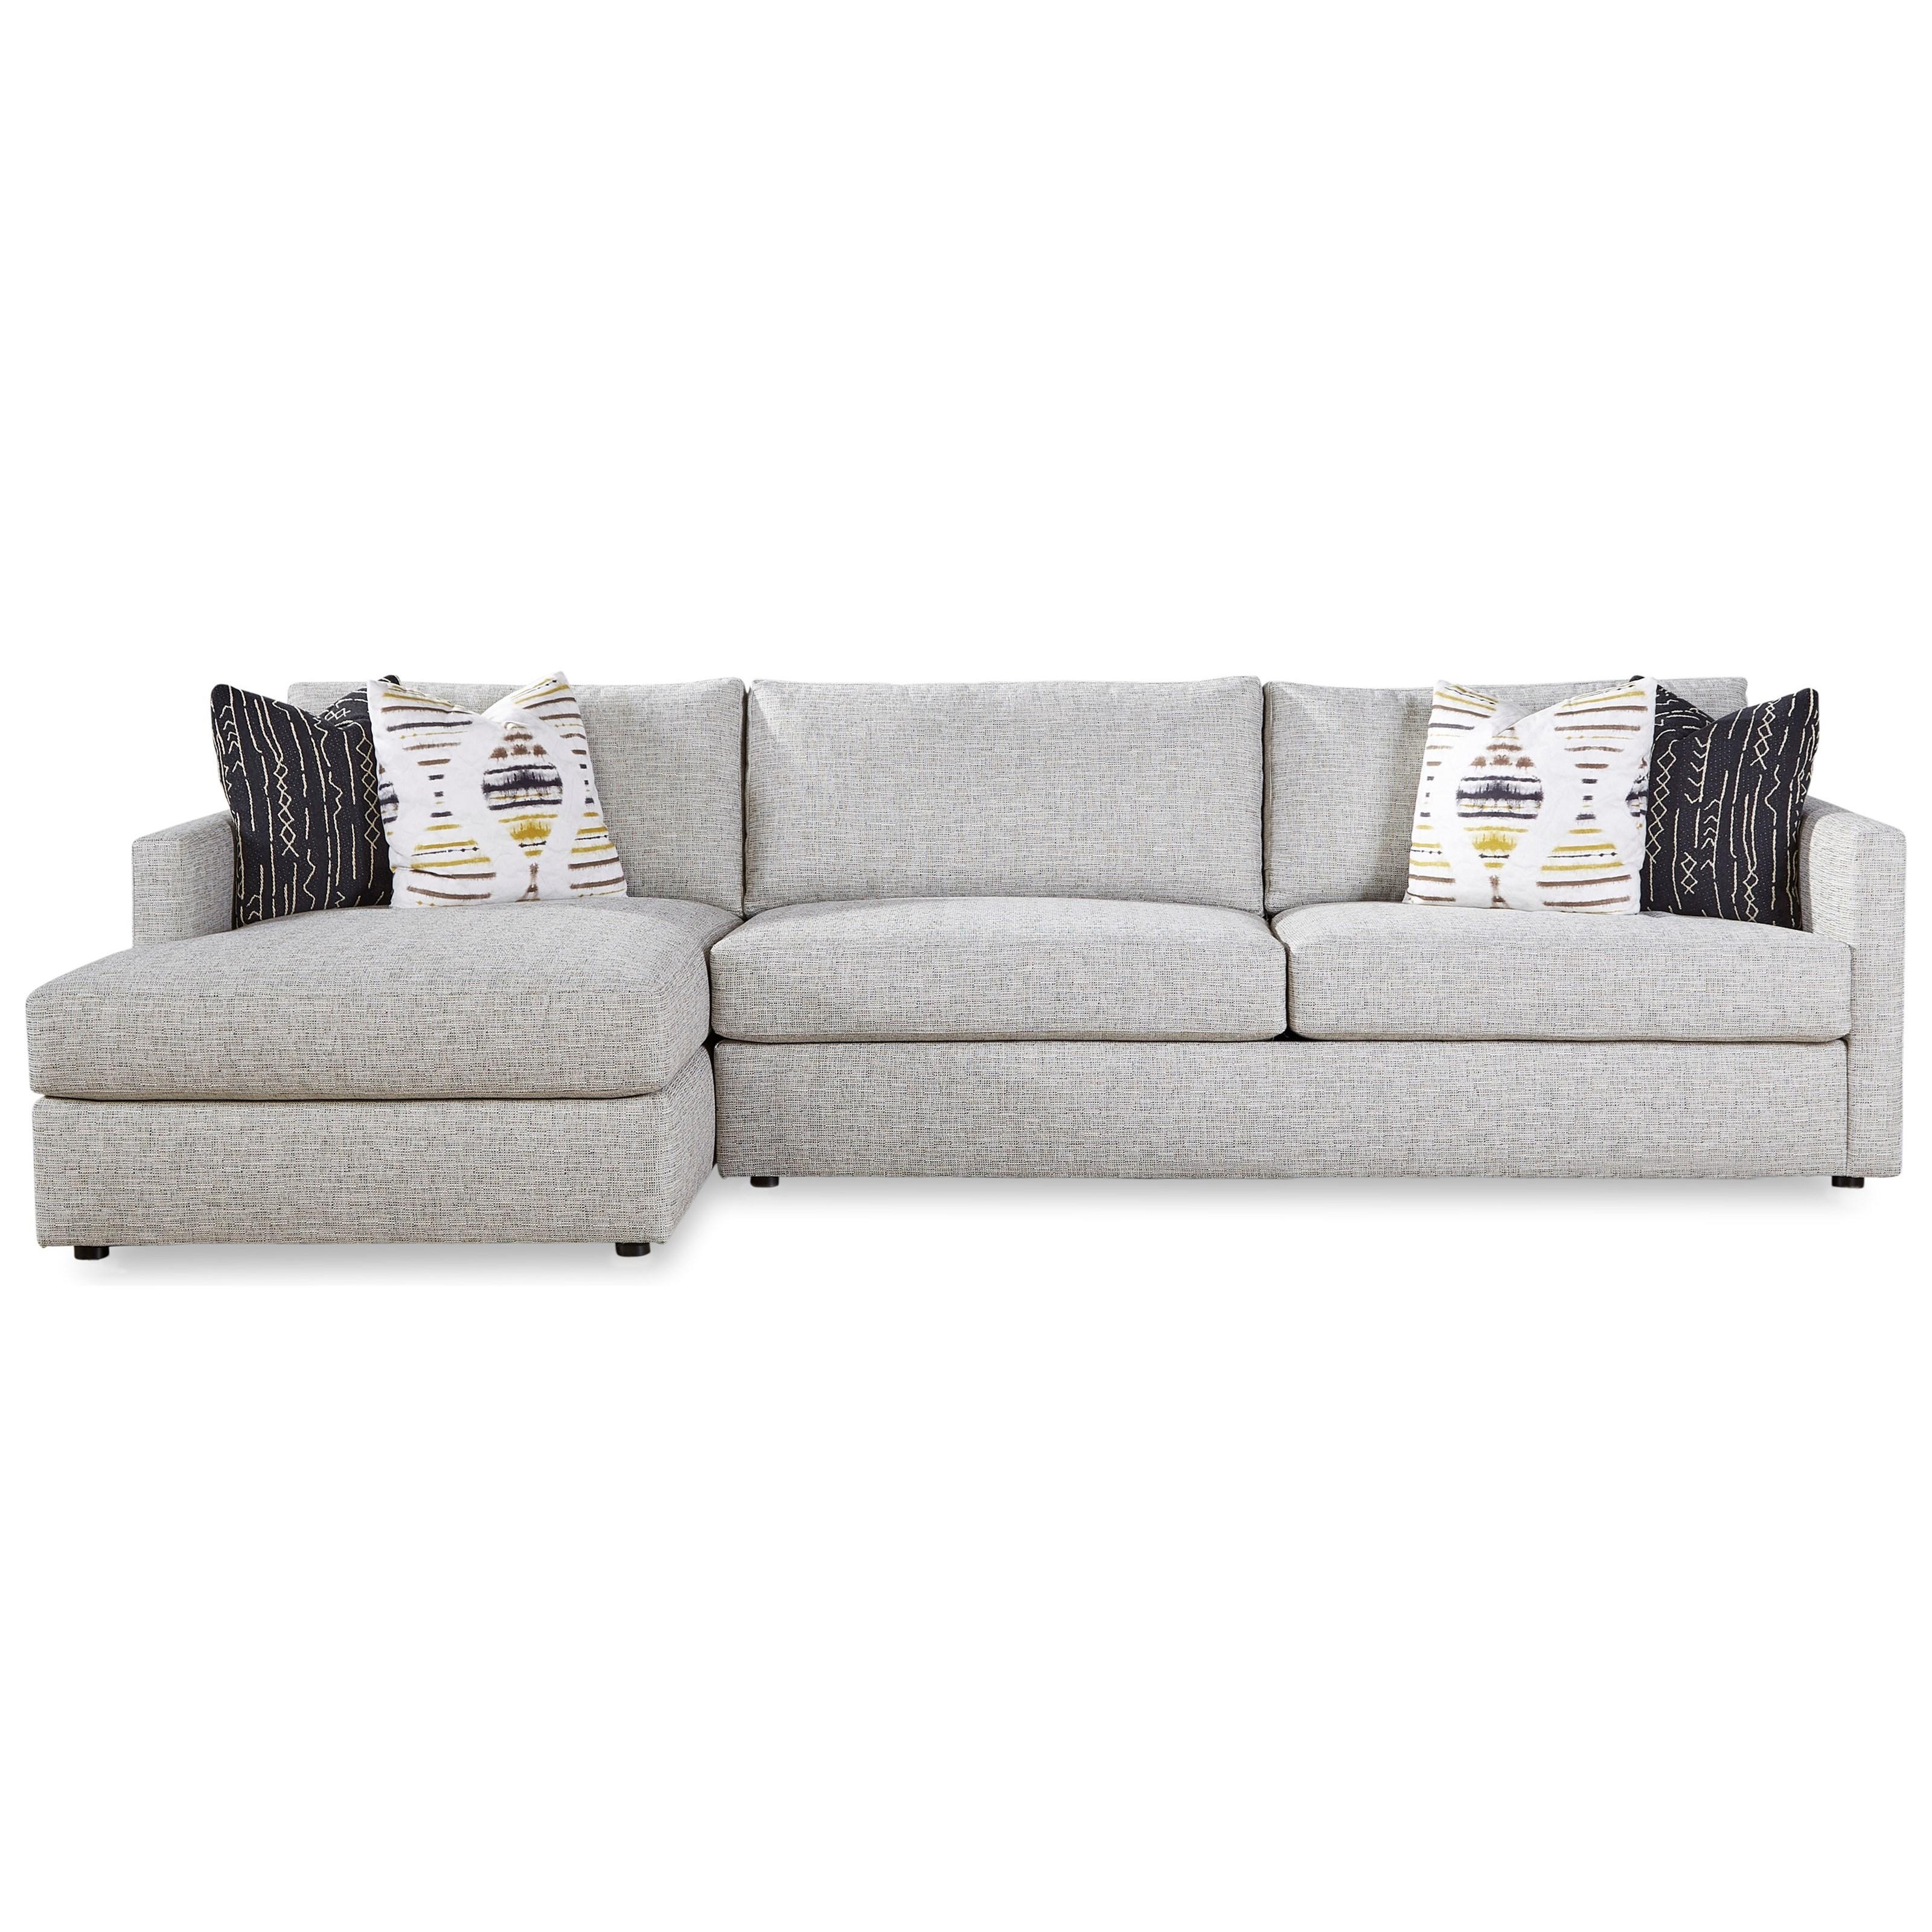 7284 Sofa Chaise by Geoffrey Alexander at Sprintz Furniture